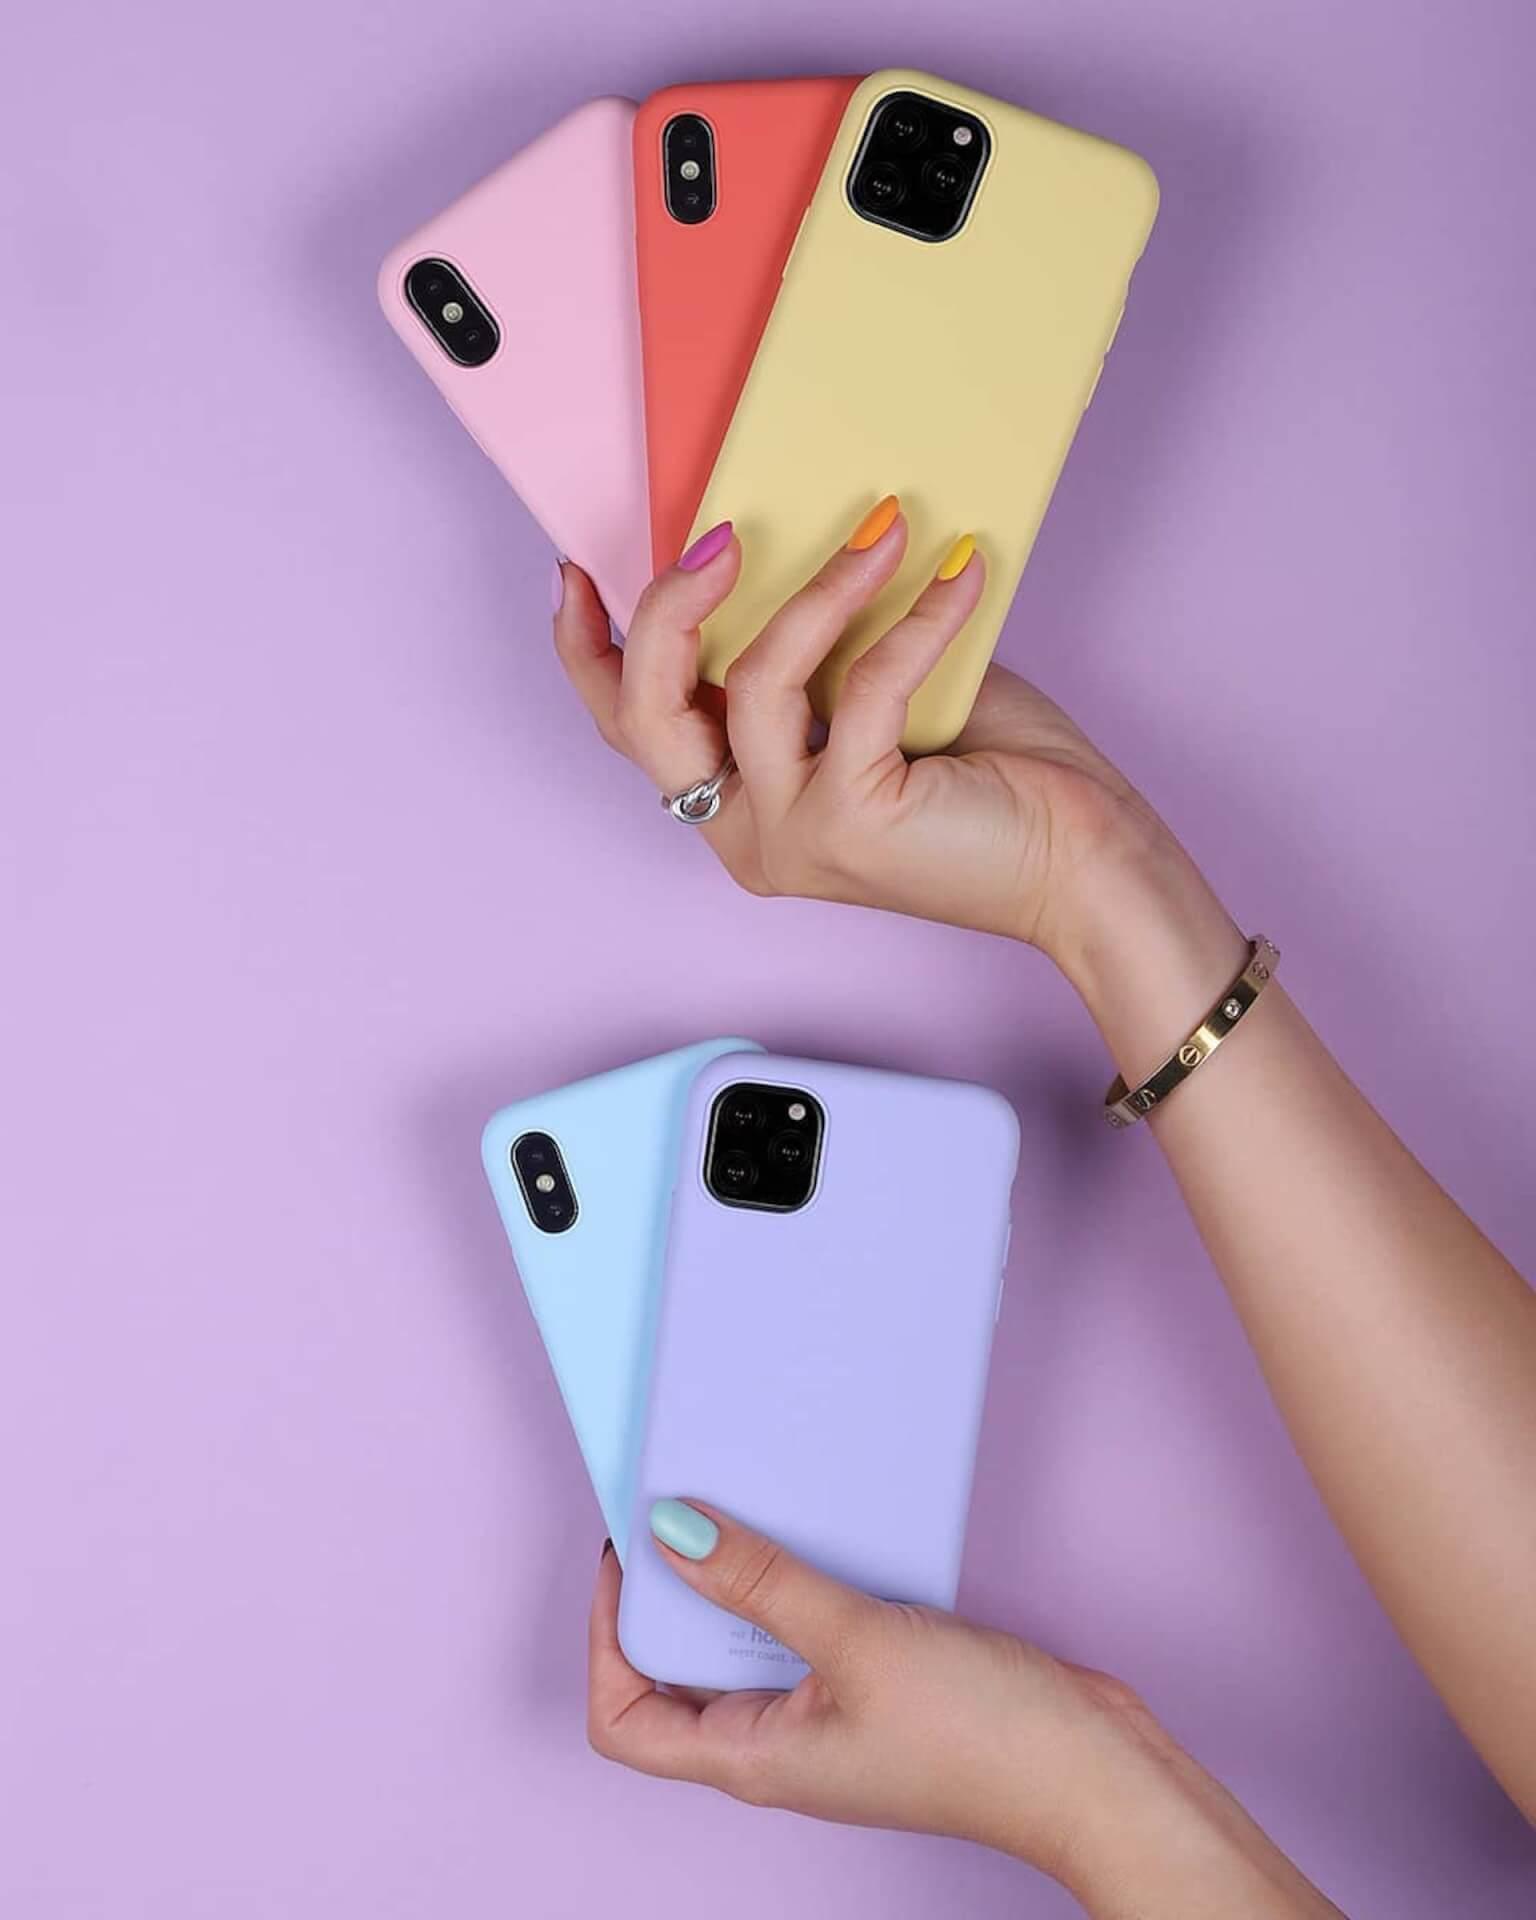 豊富なカラーバリエーションが人気のHolditシリコンケースにiPhone 12シリーズ専用ケースが登場! tech201022_iphone12_case_2